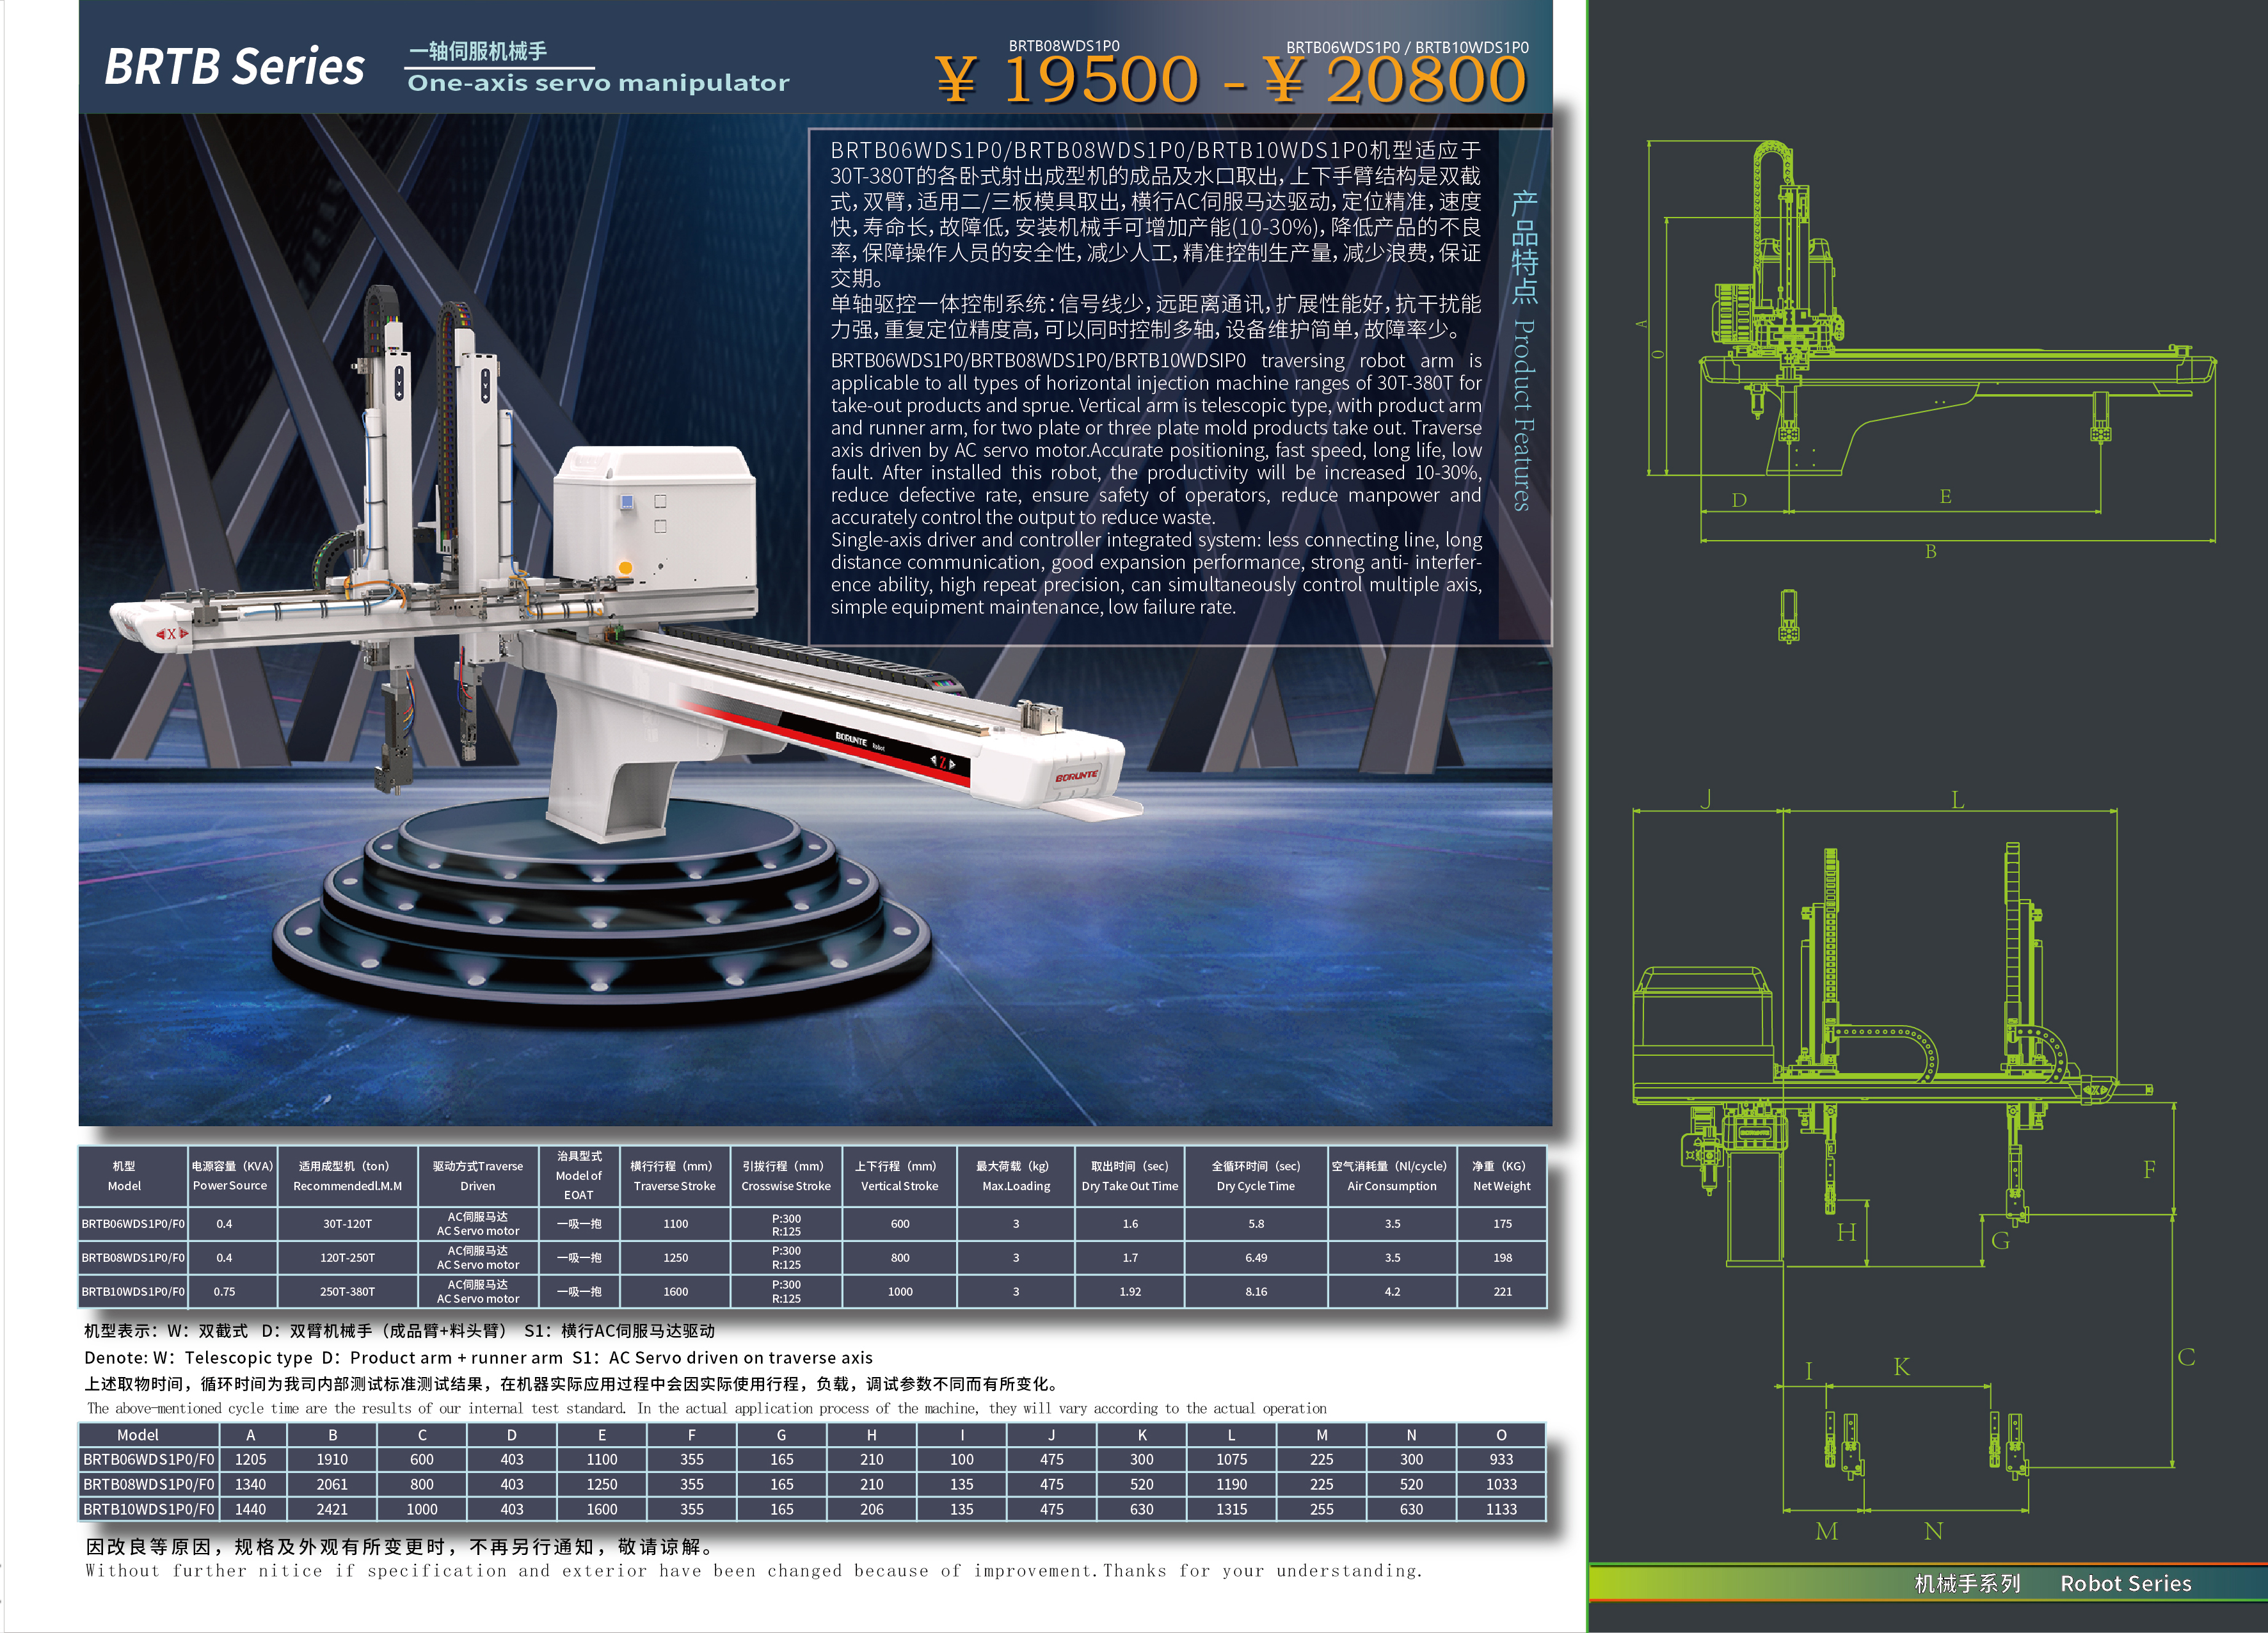 一軸伺服機械手BRTB10WDS1P0.jpg